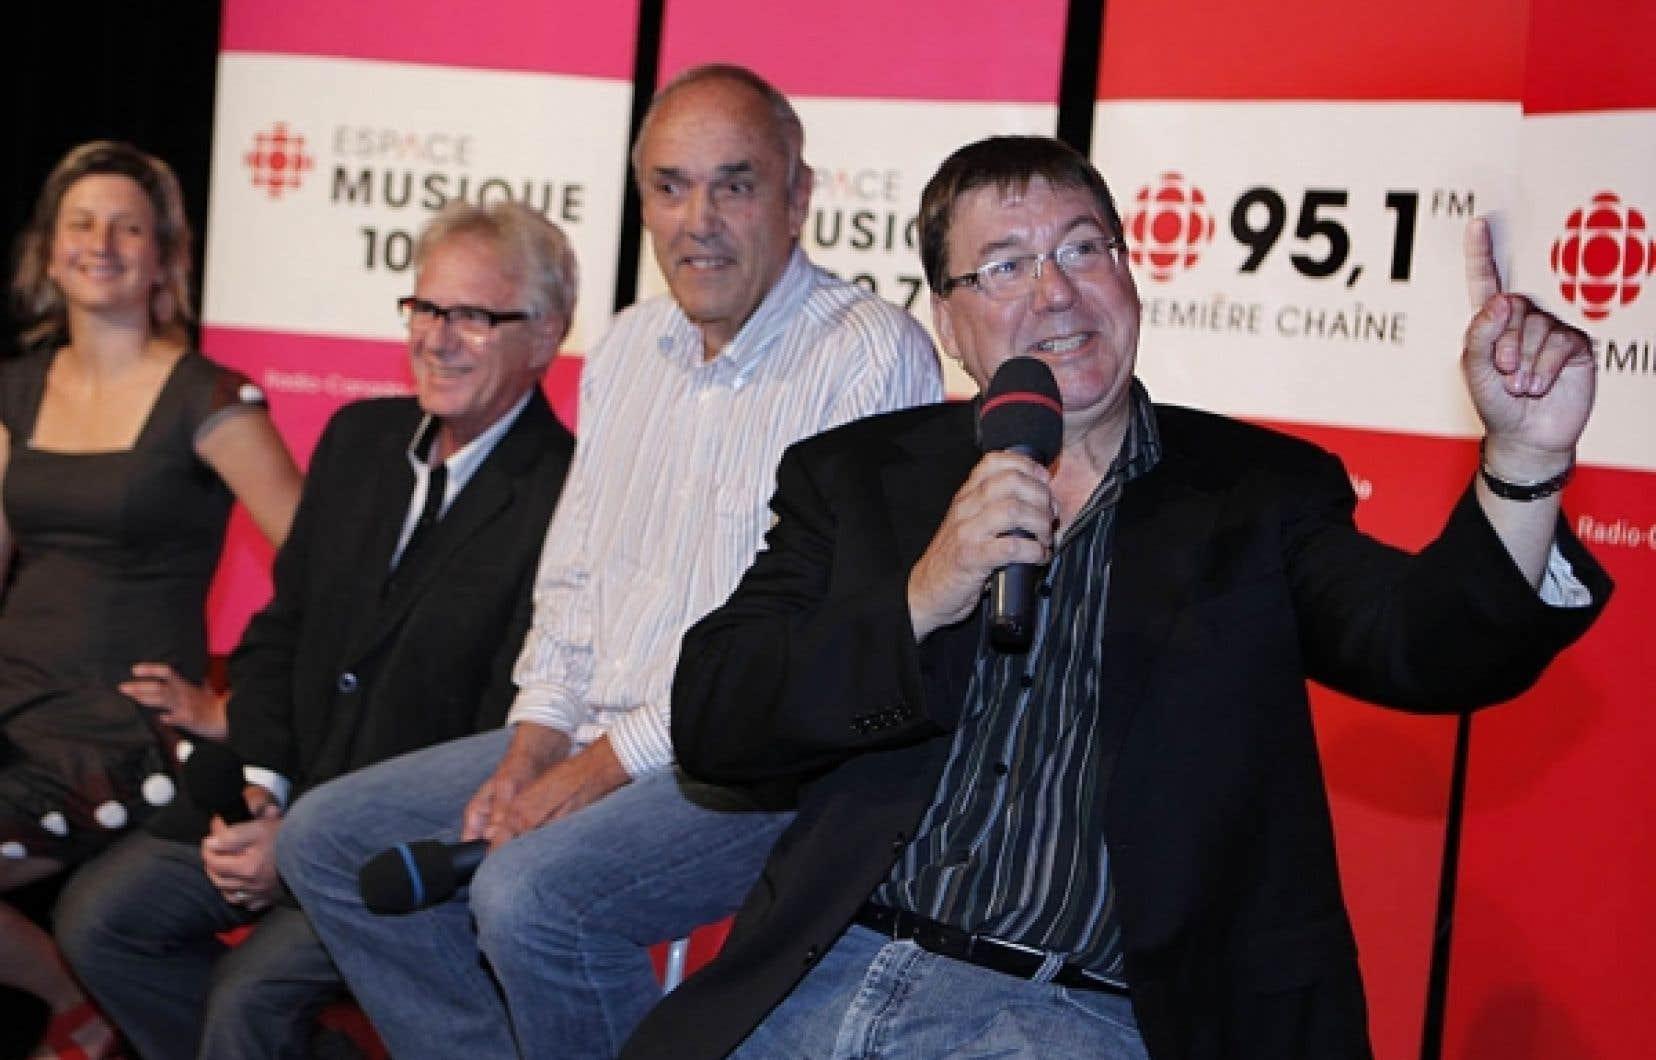 Rémy Girard, une nouvelle voix au micro (Tout un cinéma), devant deux vétérans des ondes à la barre de nouvelles émissions: Claude Saucier (Que sera sera) à droite et Jacques Beaulieu (Sur la route). Ils symbolisent l'équilibre trouvé dans la programmation d'Espace Musique de Radio-Canada.<br />